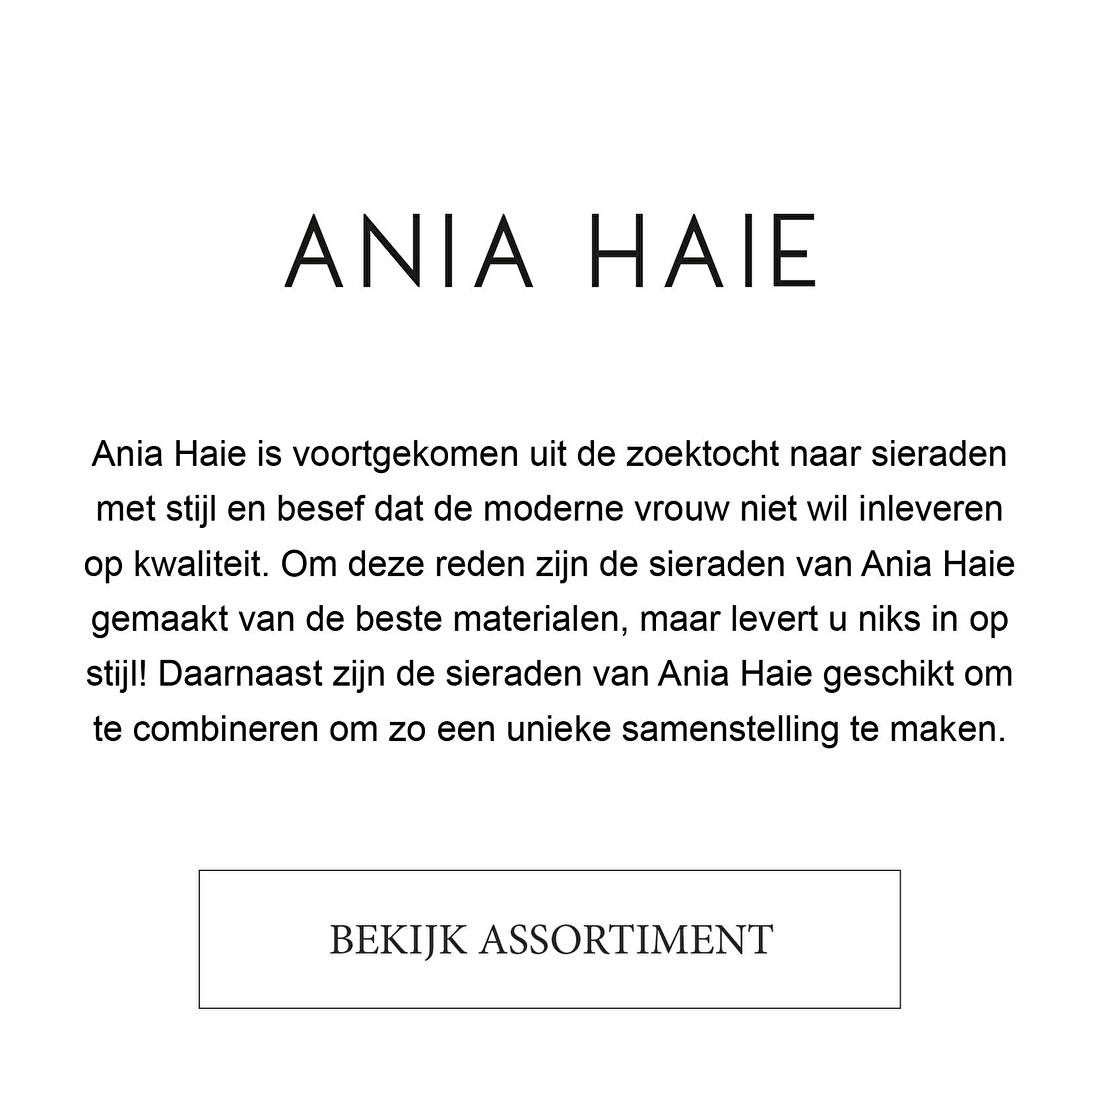 ANIA HAIE | Ania Haie is voortgekomen uit de zoektocht naar sieraden met stijl en besef dat de moderne vrouw niet wil inleveren op kwaliteit. Om deze reden zijn de sieraden van Ania Haie gemaakt van de beste materialen, maar levert u niks in op stijl! Daarnaast zijn de sieraden van Ania Haie geschikt om te combineren om zo een unieke samenstelling te maken.